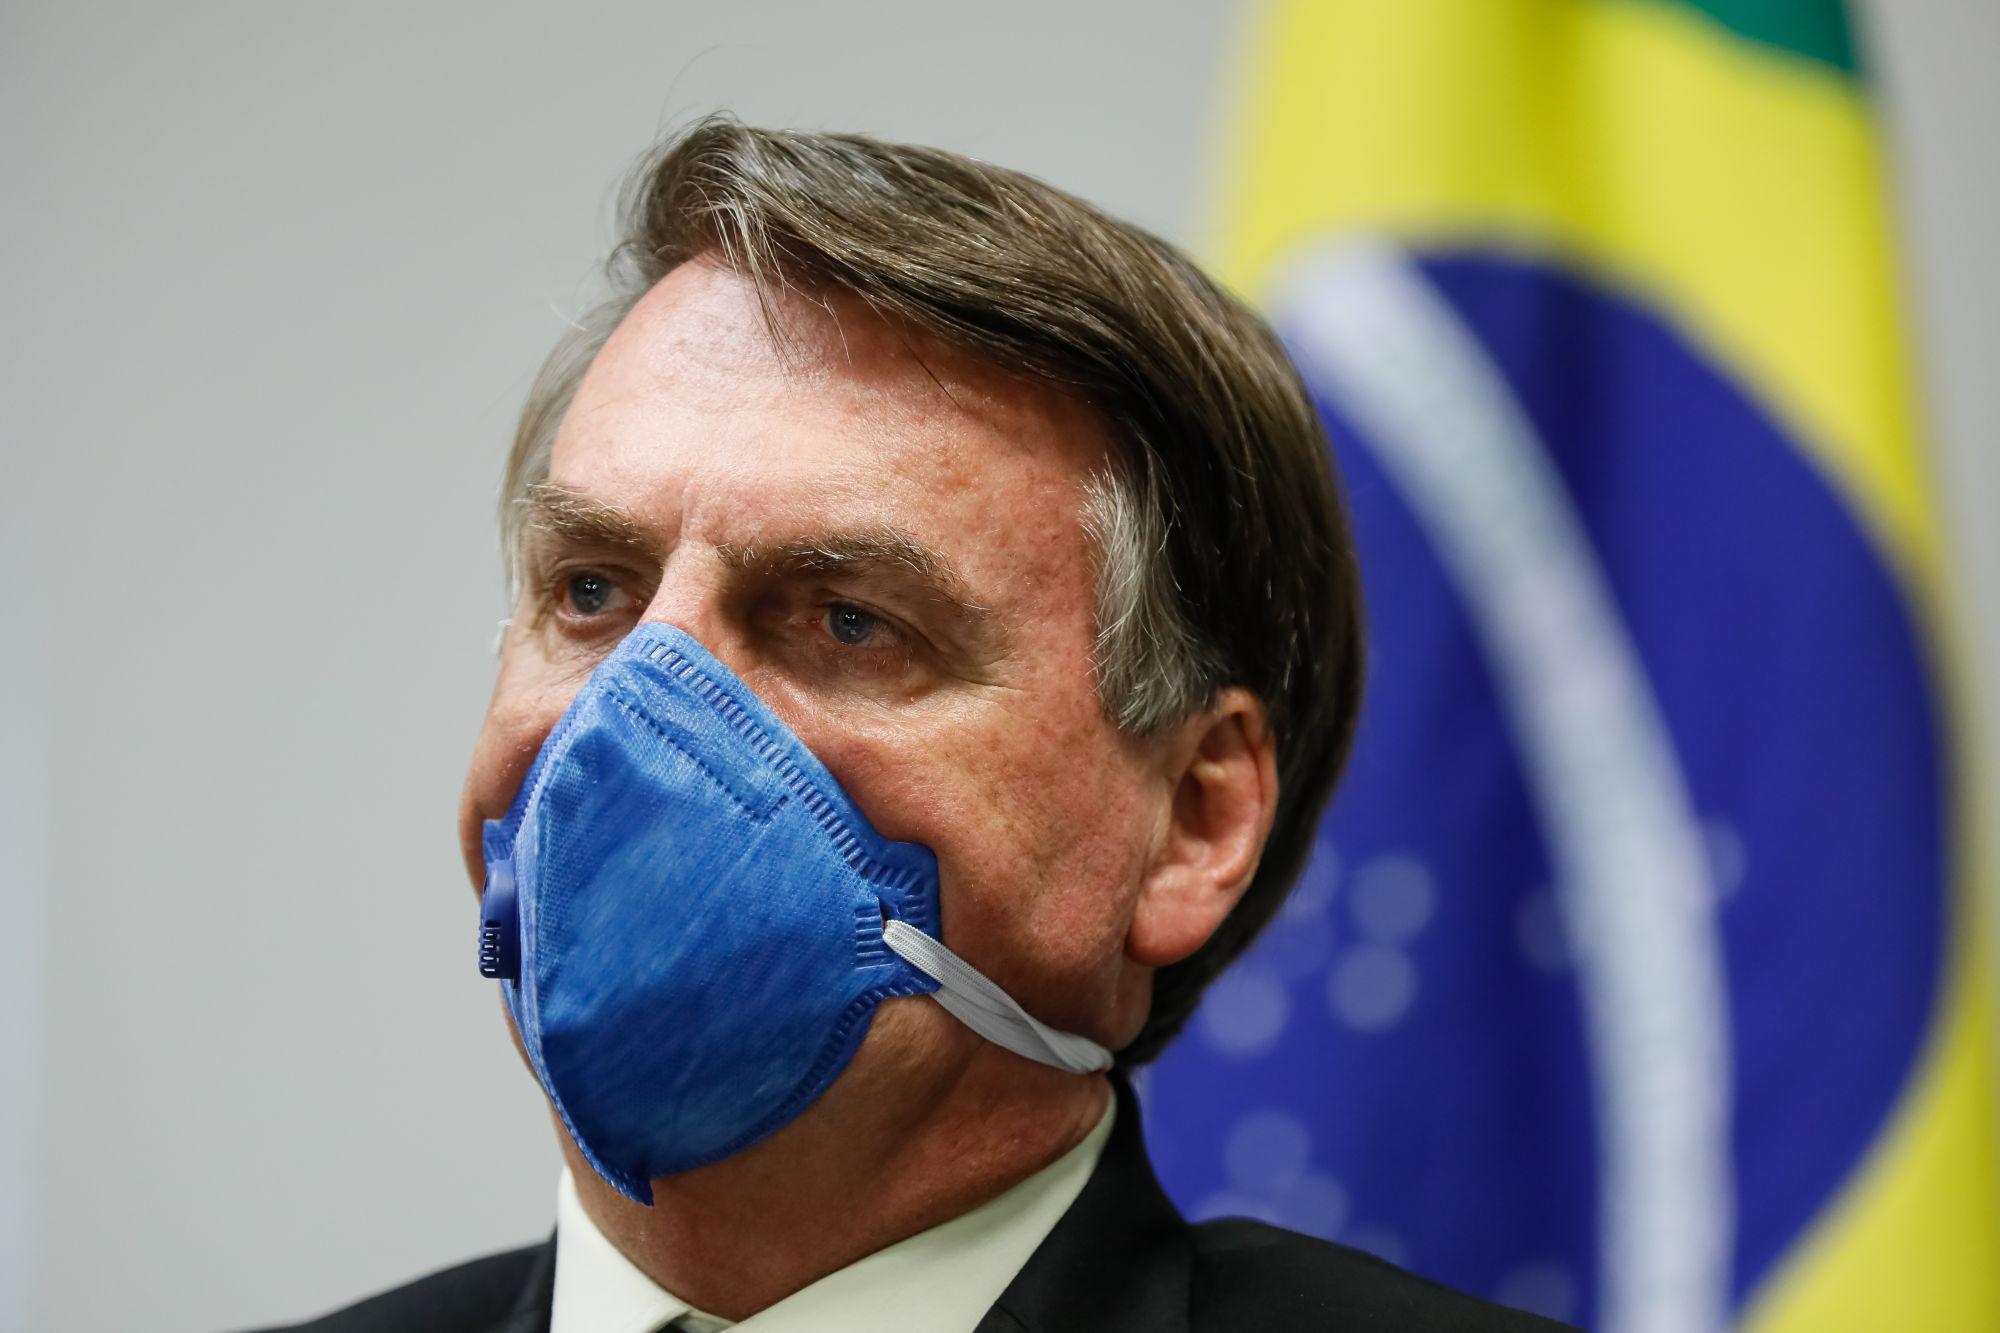 Jair Bolsonaro atraviesa su peor crisis desde que llegó a la presidencia de Brasil / Foto: Planalto